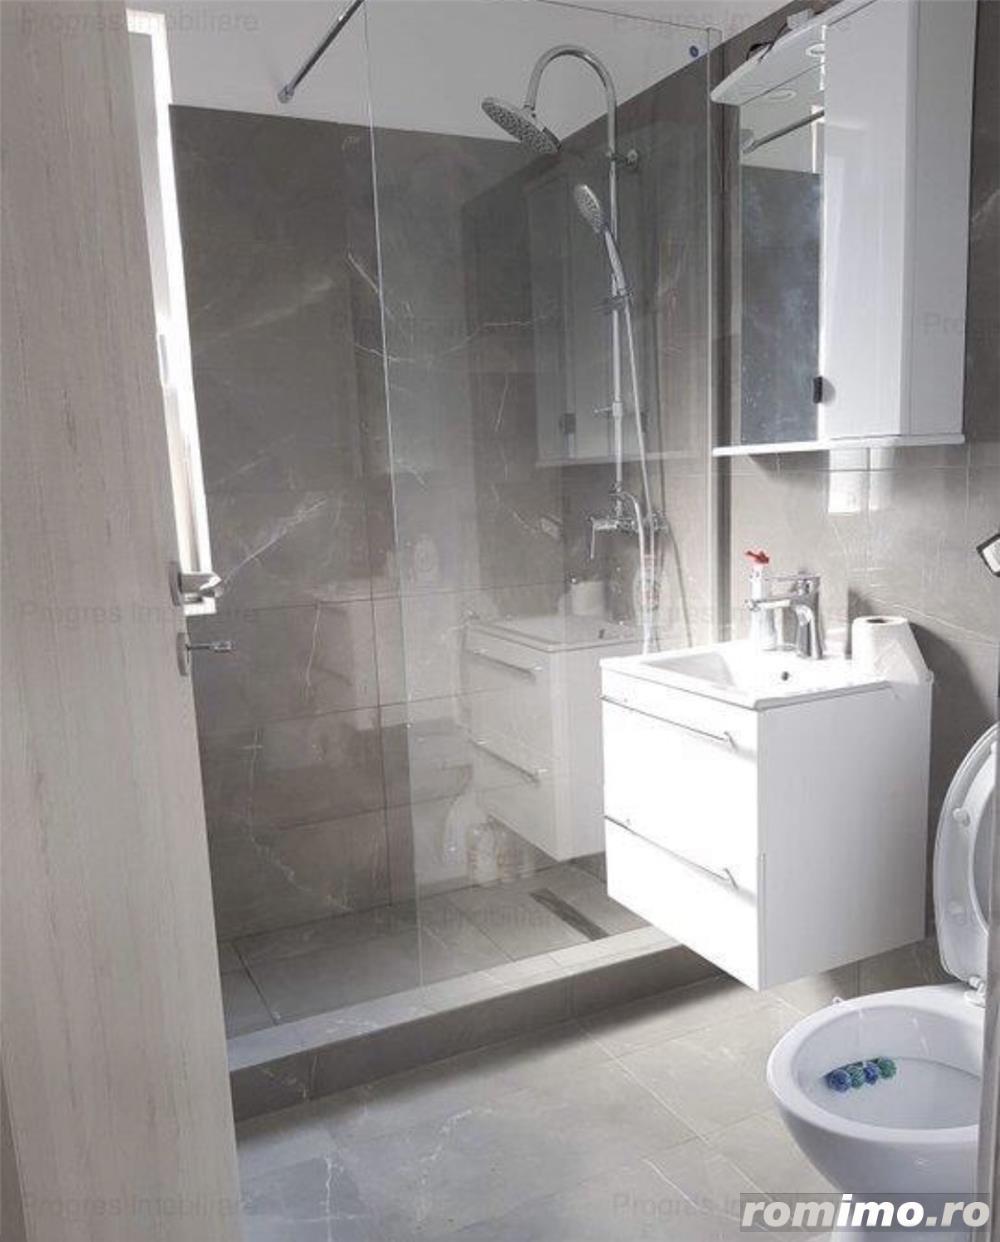 Ap. 3 camere in vila cu 4 apartamente-66.000 euro